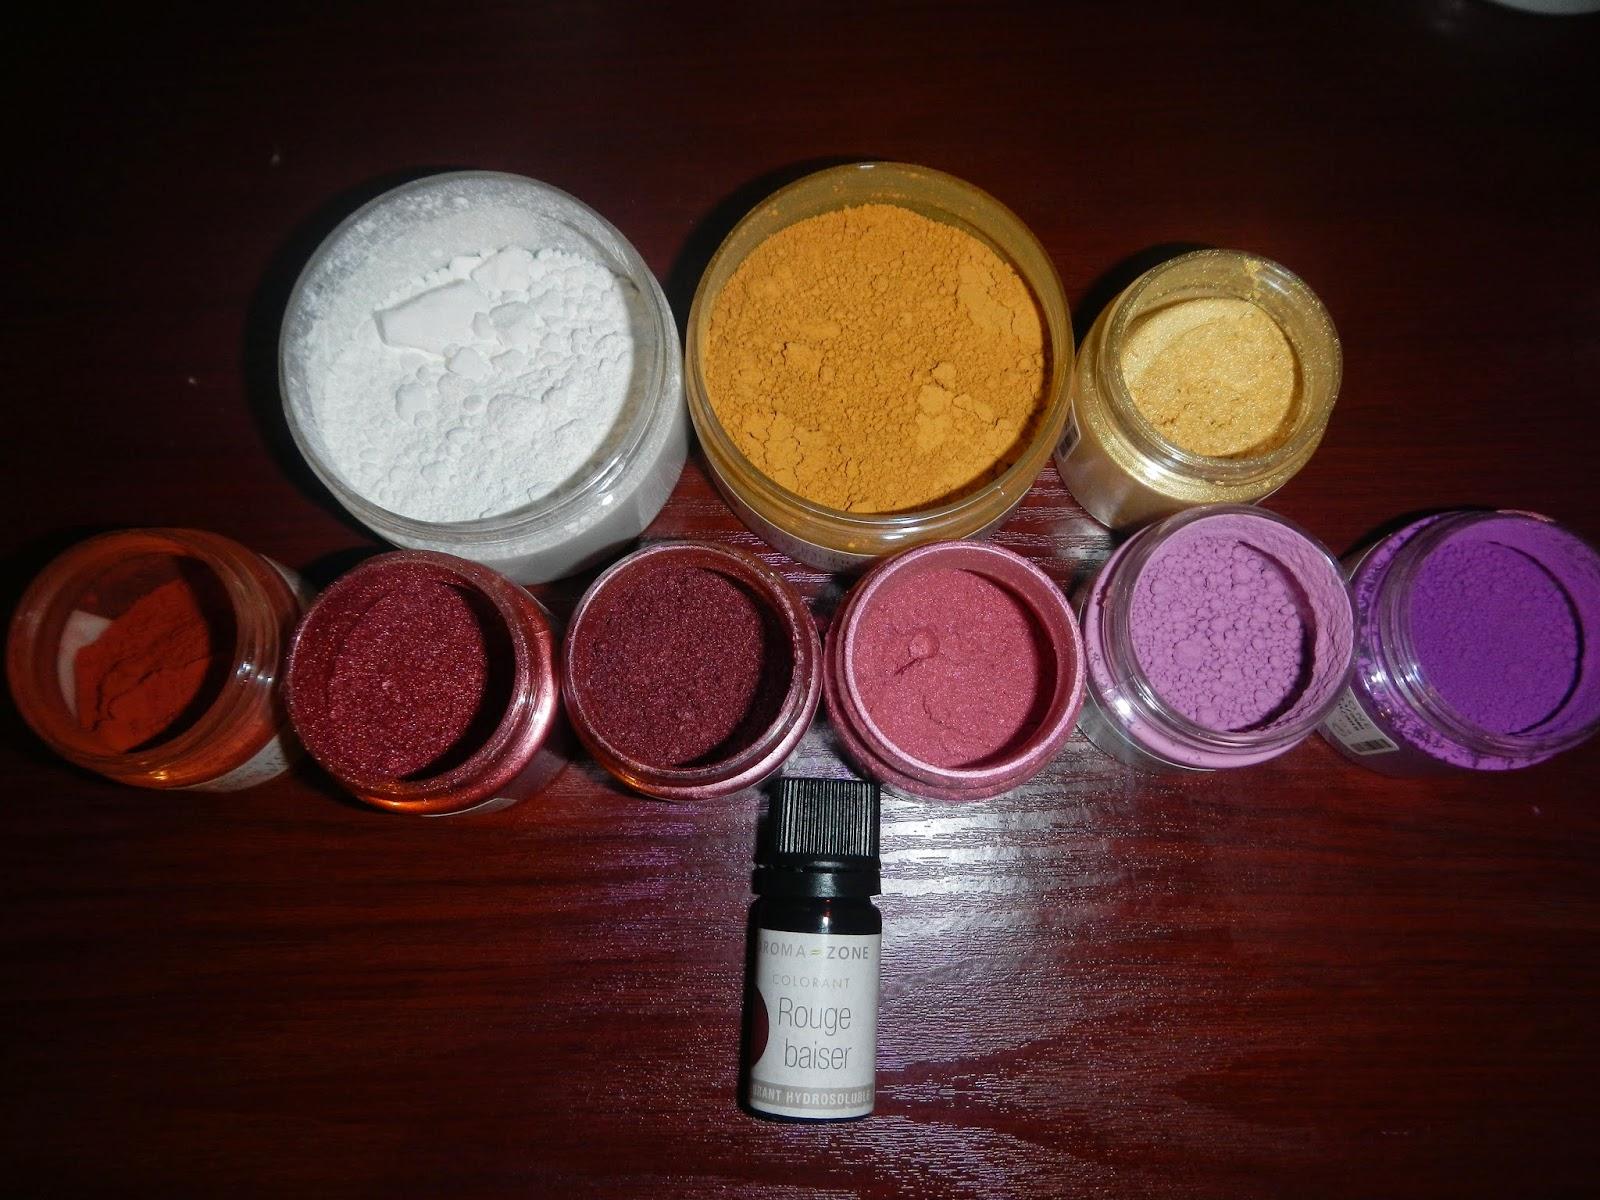 au milieu ocre rose ditalie mica cuivre mica framboise mica rose oxyde minral rose oxyde minral violet en bas colorant naturel rouge - Colorant Naturel Rouge